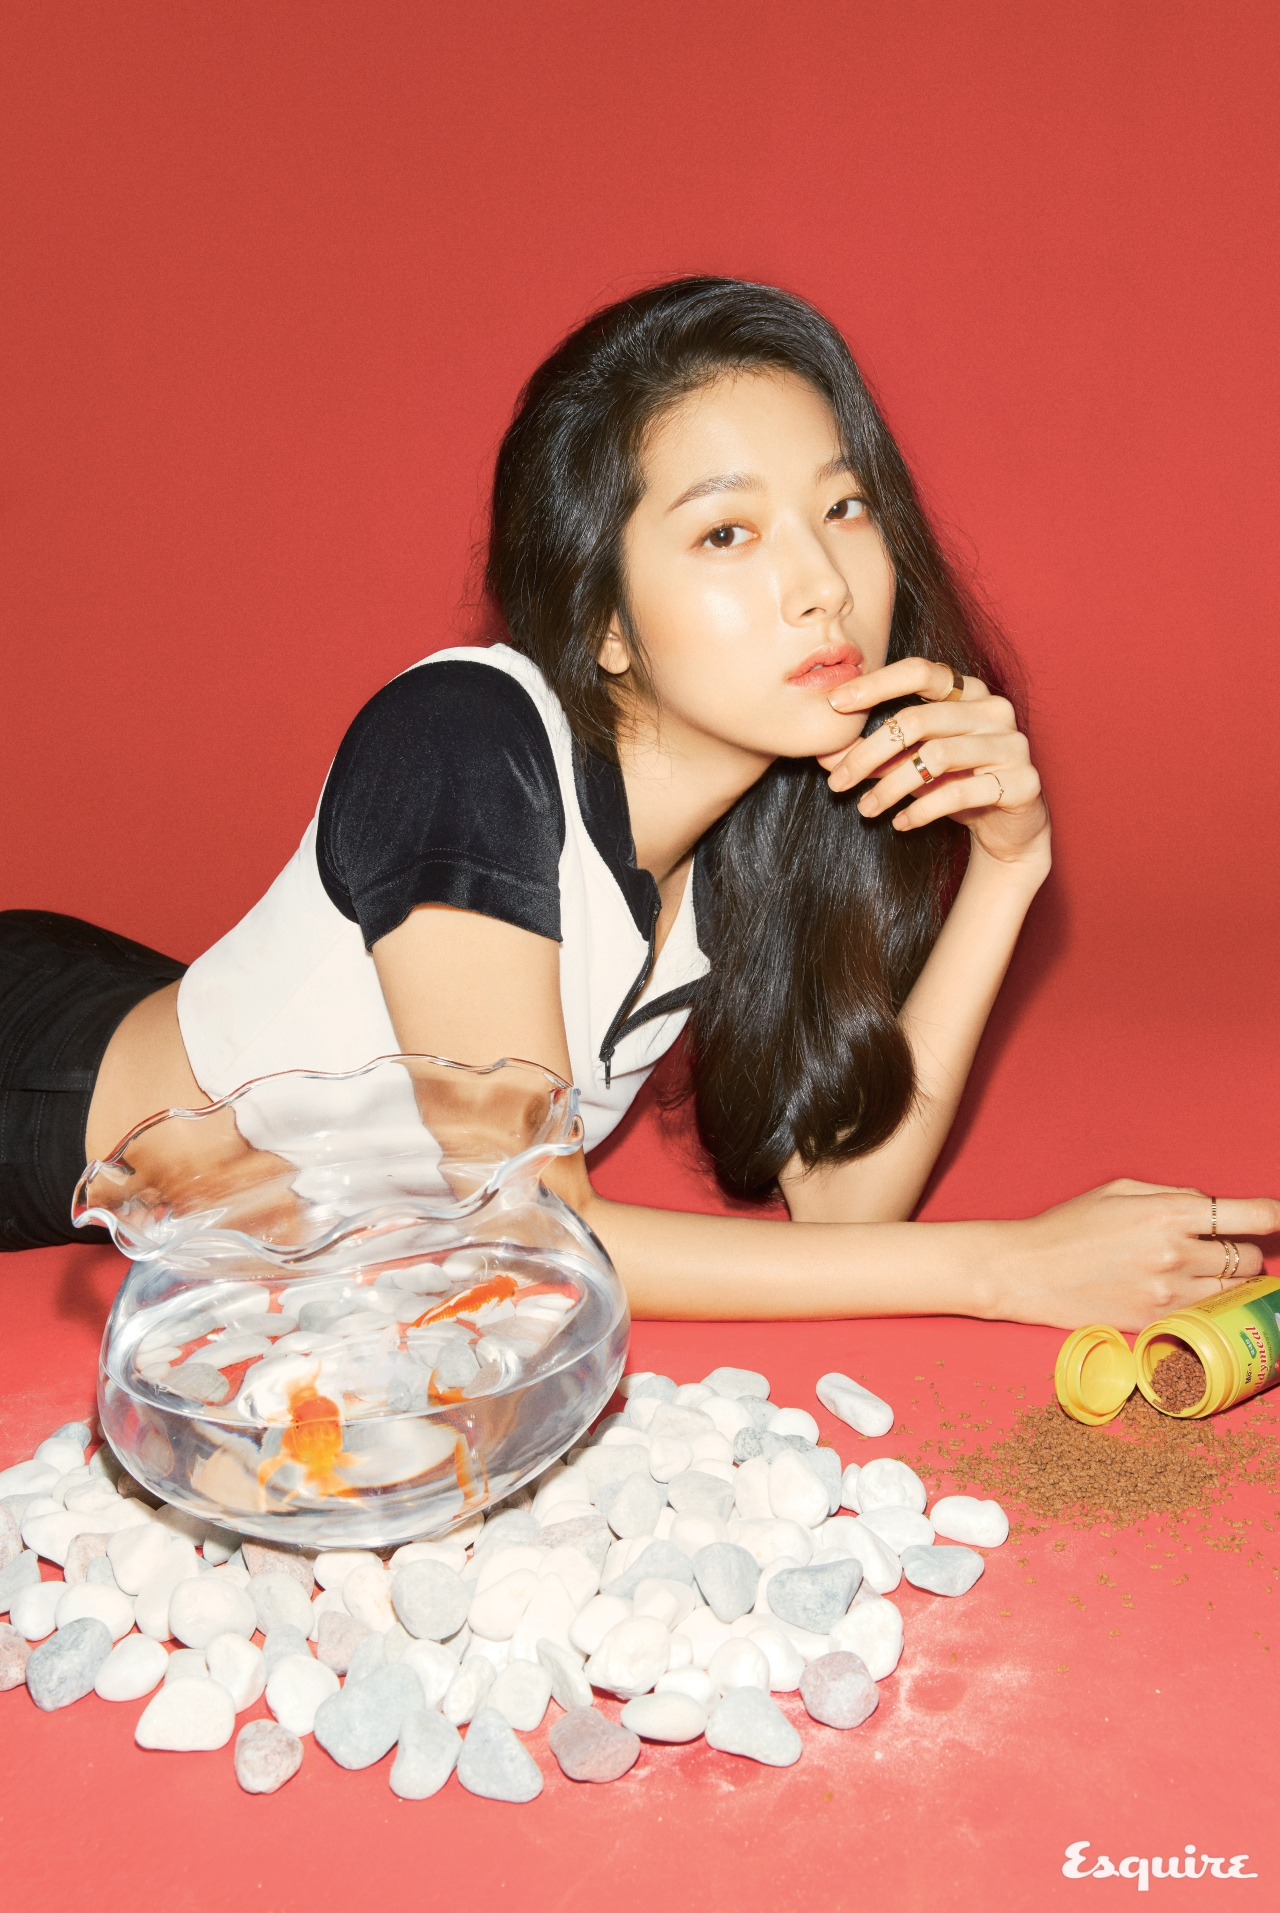 박민하, 두렵지 않아요 - 에스콰이어 Esquire Korea 2017년 1월호